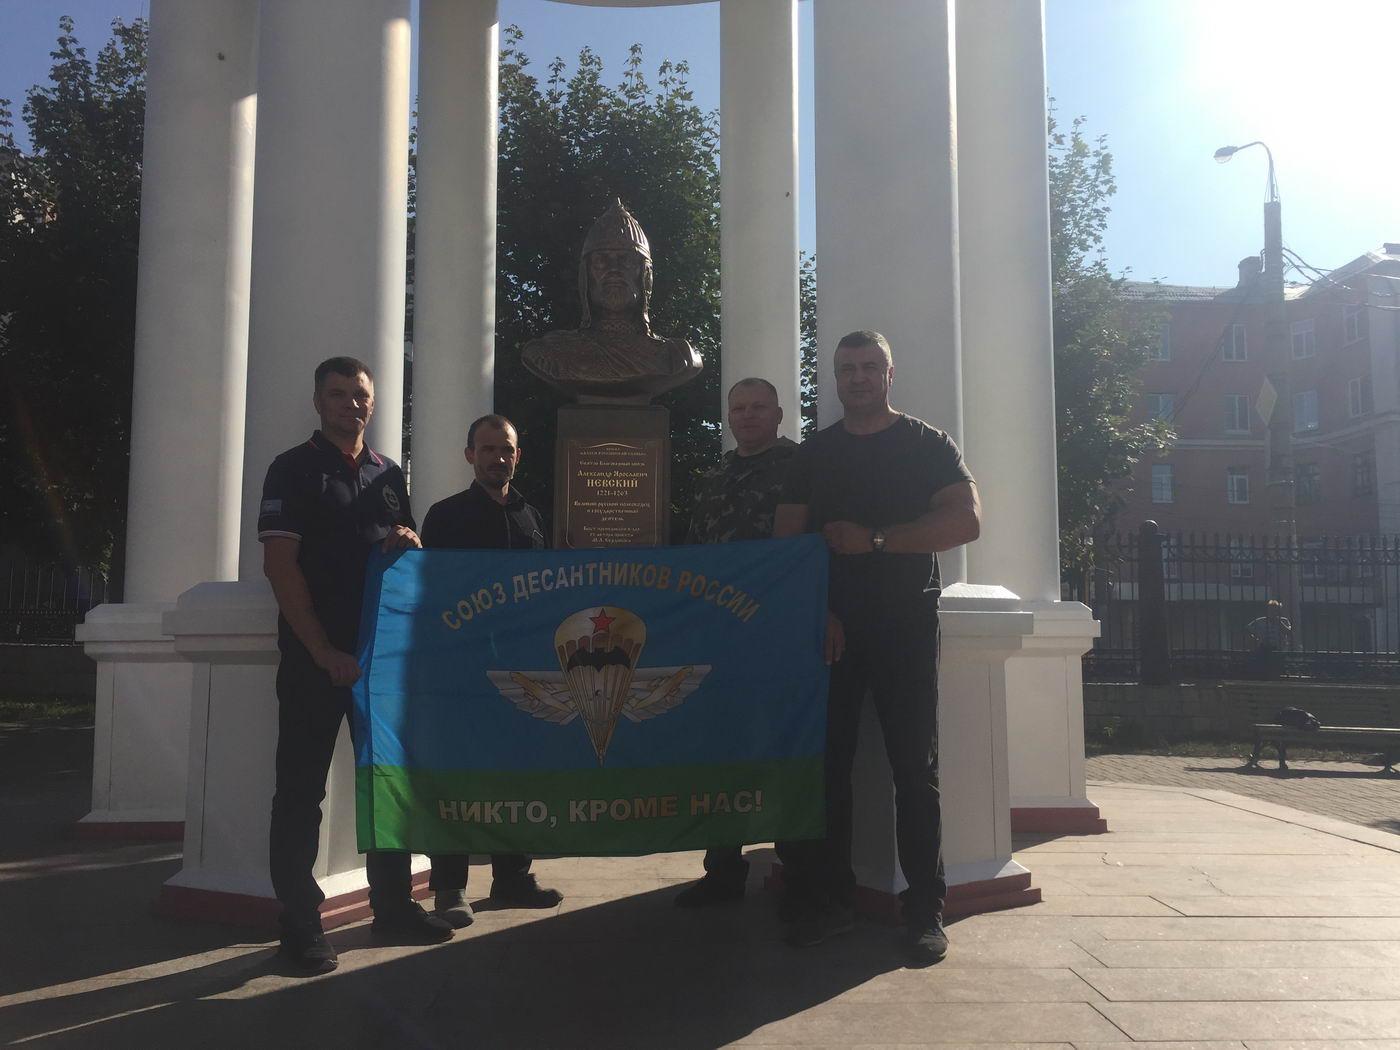 «Союз десантников Удмуртии» принял самое активное участие в установке памятного бюста святому Благоверному князю Александру Невскому